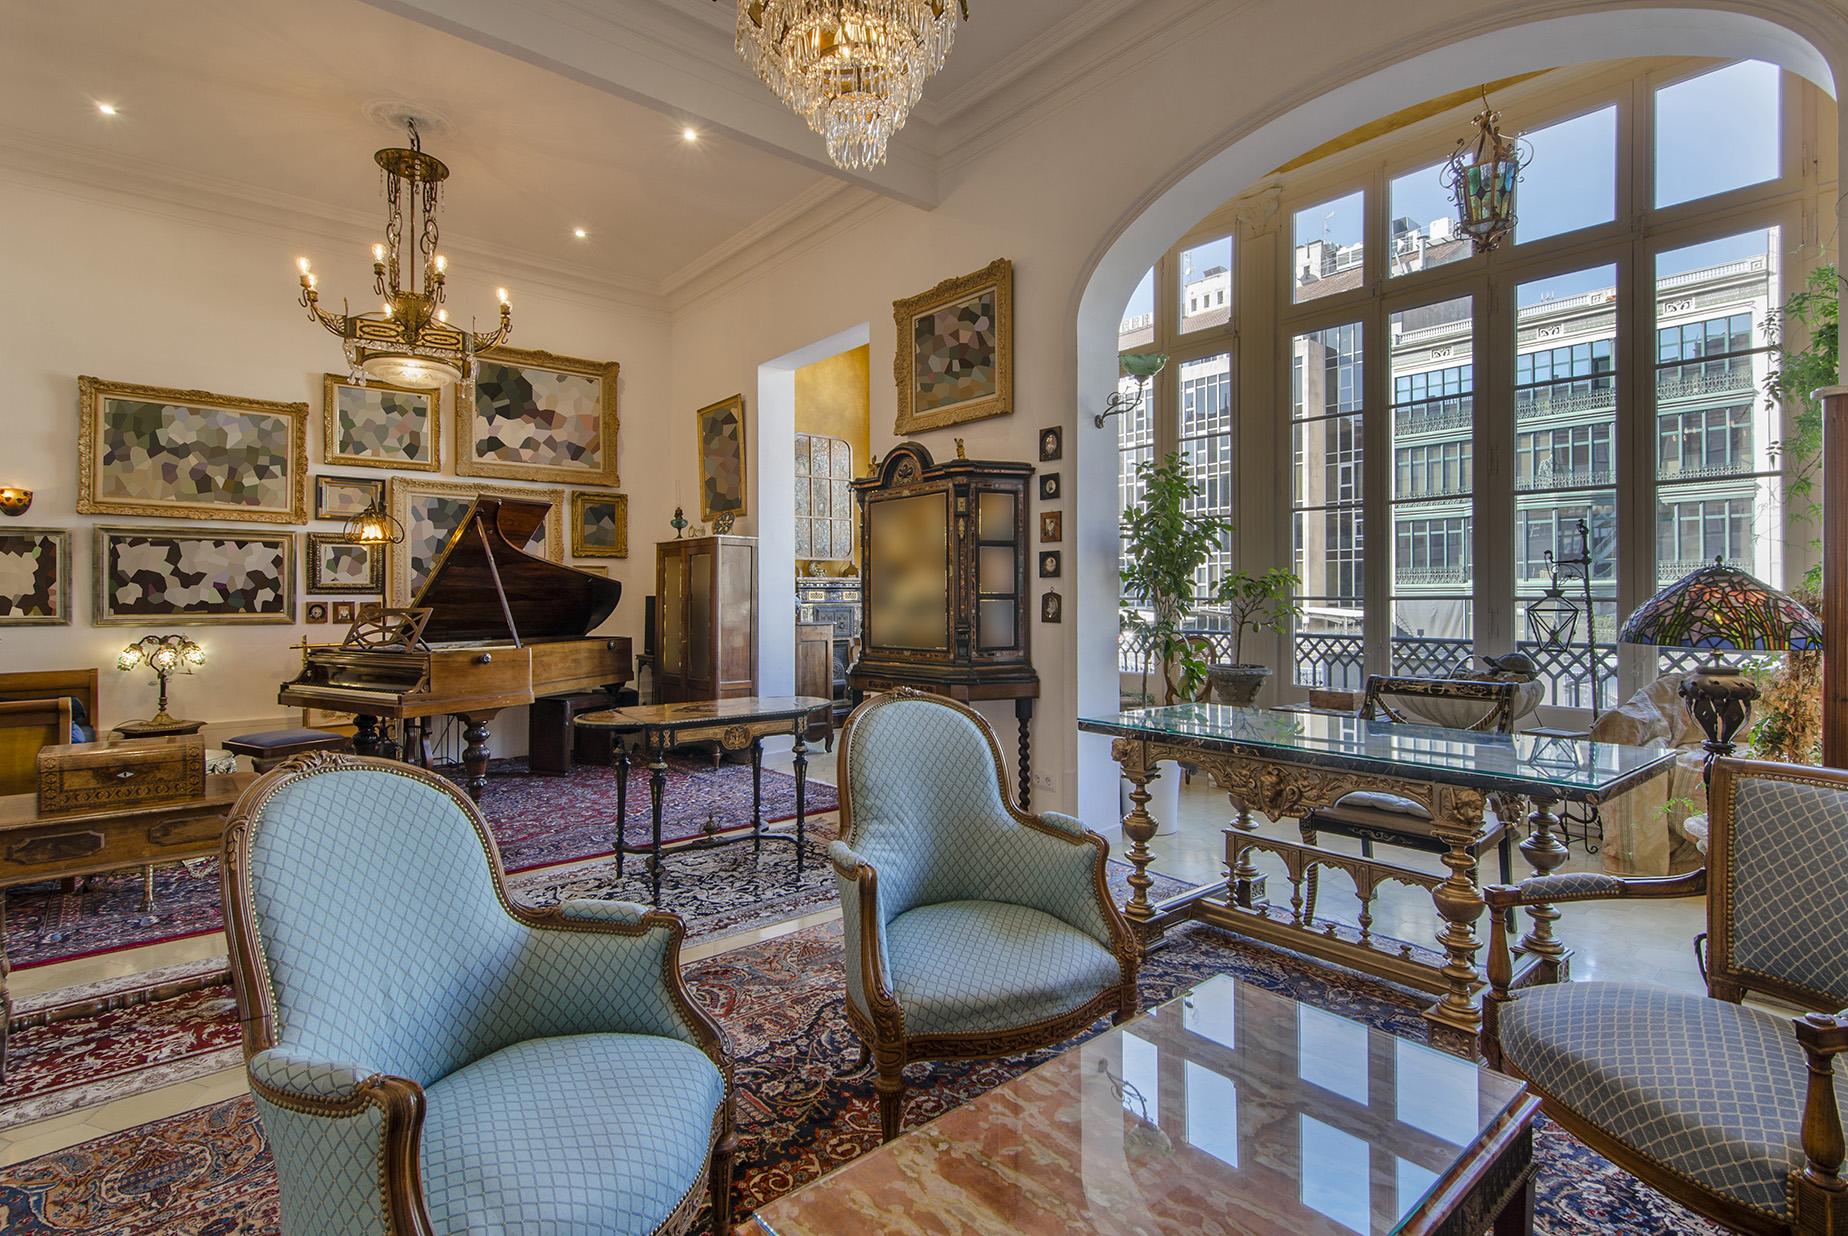 Appartamento per Vendita alle ore Exquisite Renovated Apartment in a Classic Building in L'Eixample Dret, Barc ... Eixample, Barcelona City, Barcellona, 08007 Spagna